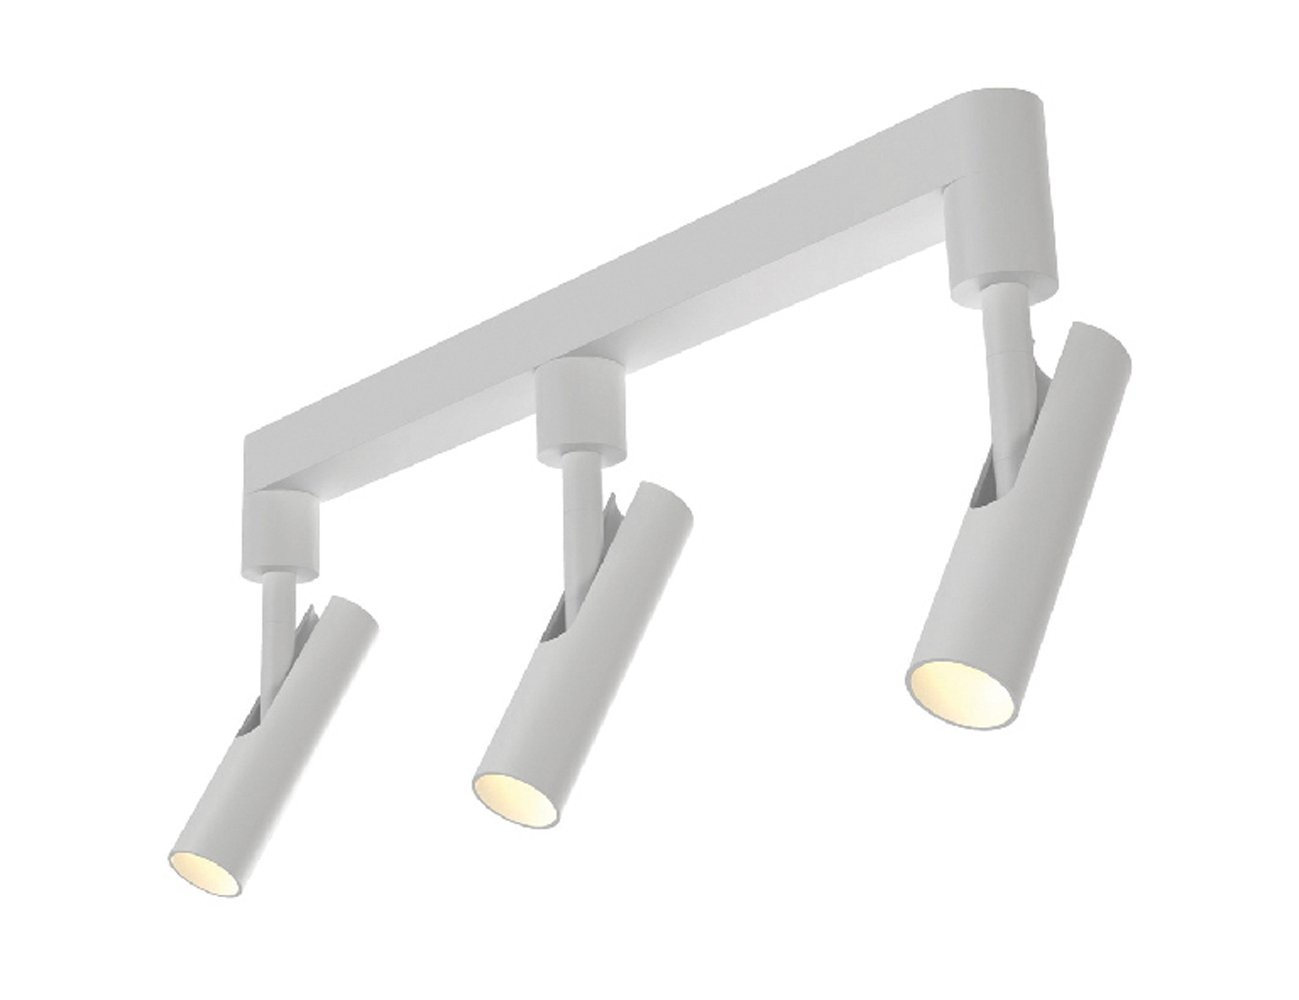 Nordlux 76690001 Plafonnier MIB avec spots 3 W LED Blanc [Classe énergétique A] Gautzsch